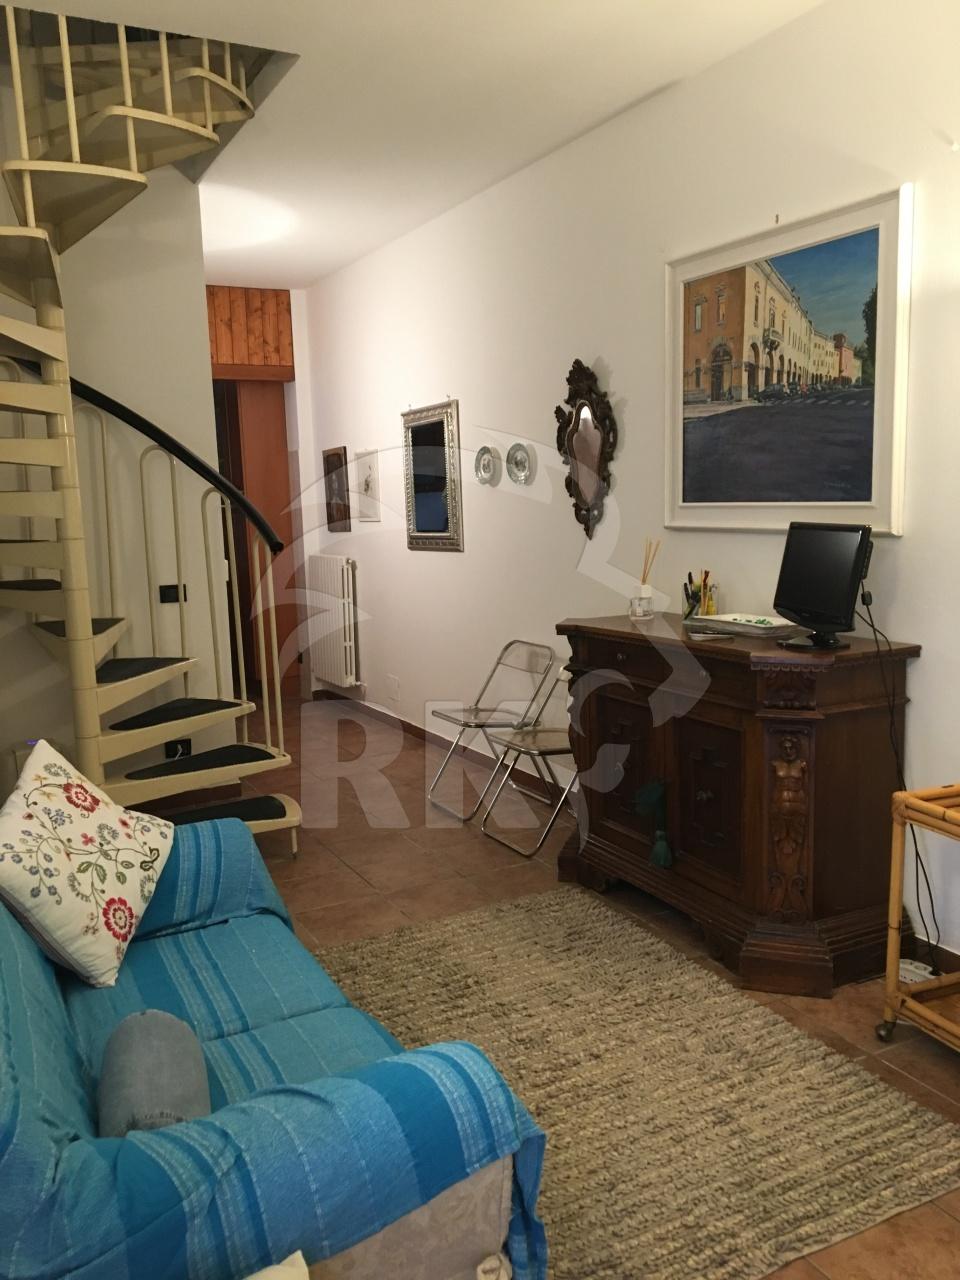 Villa in affitto a San Giorgio di Piano, 4 locali, prezzo € 800 | CambioCasa.it